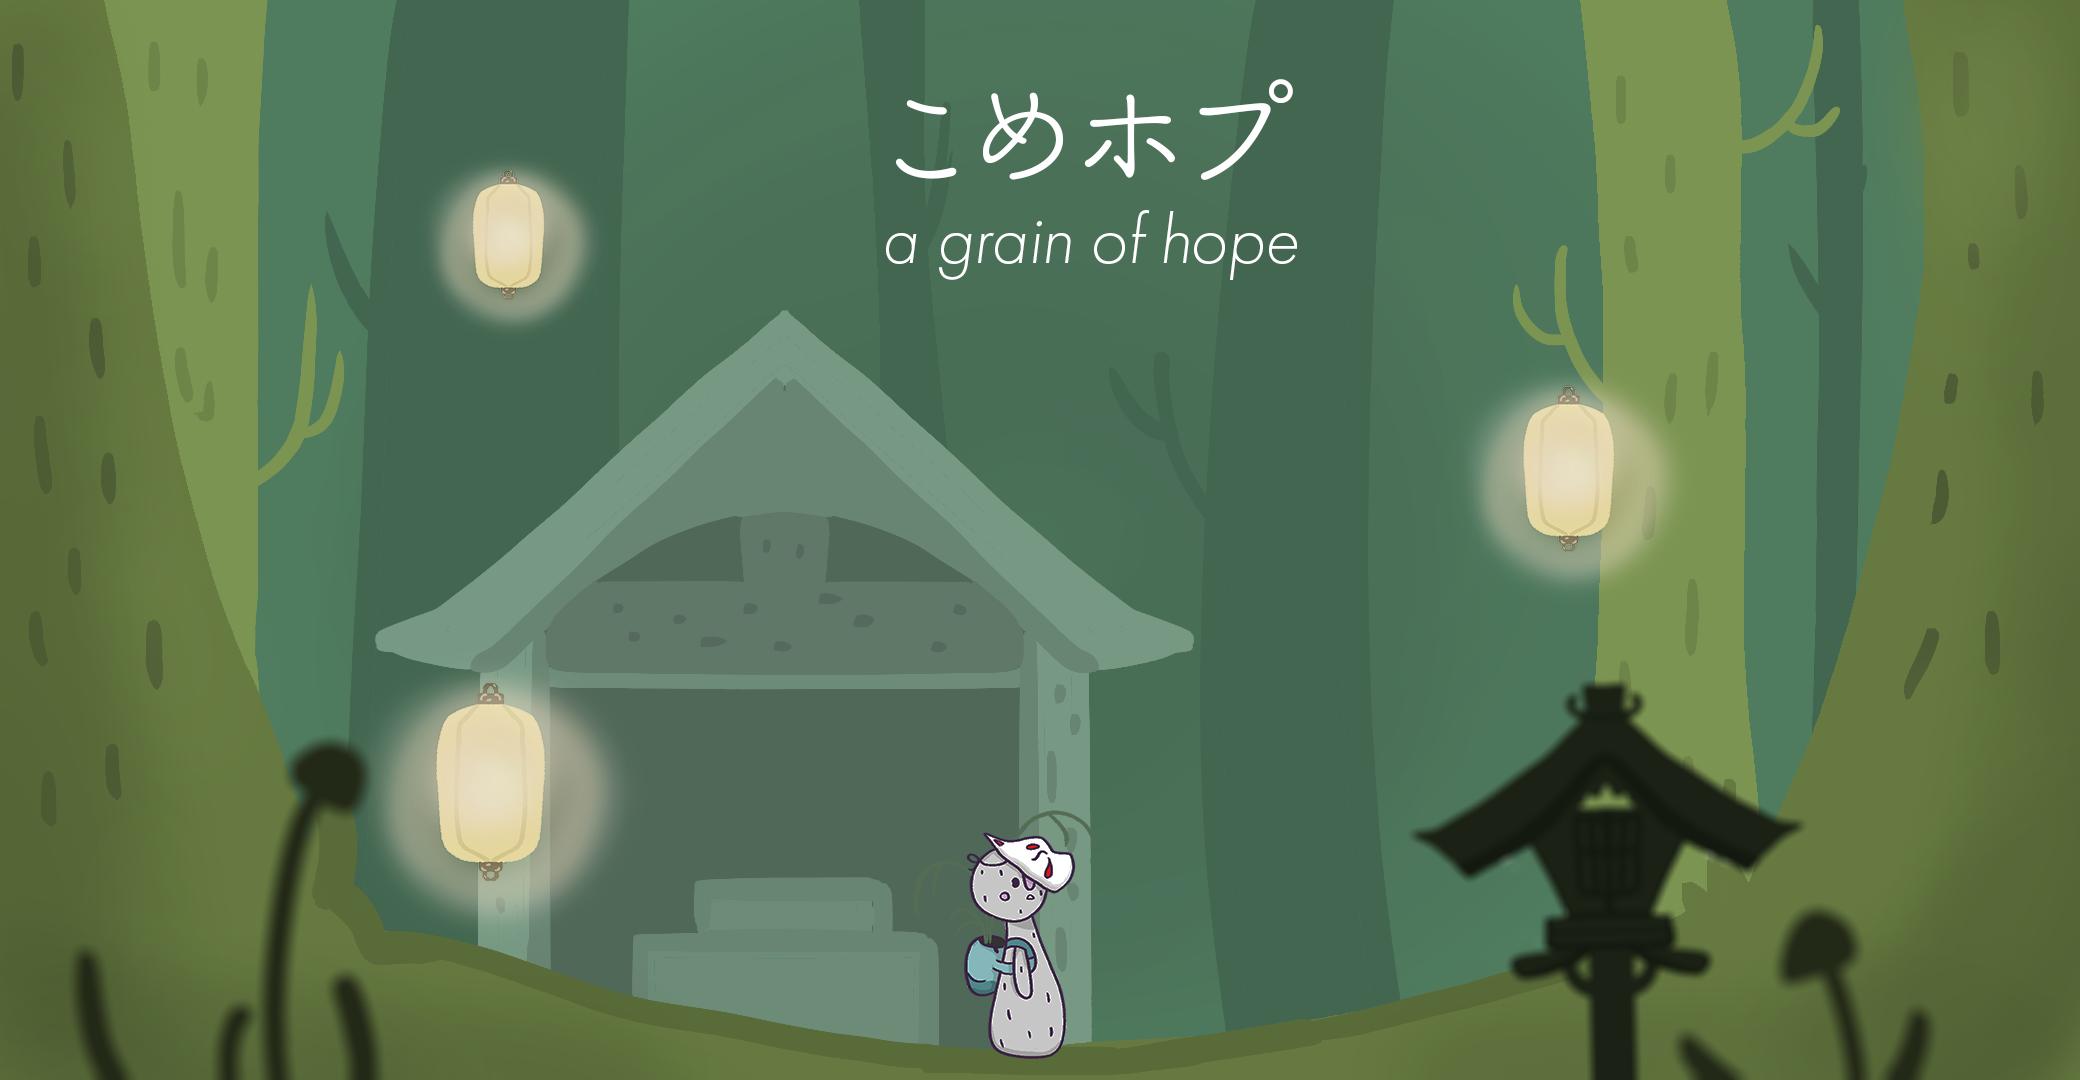 こめホプ - A Grain of Hope